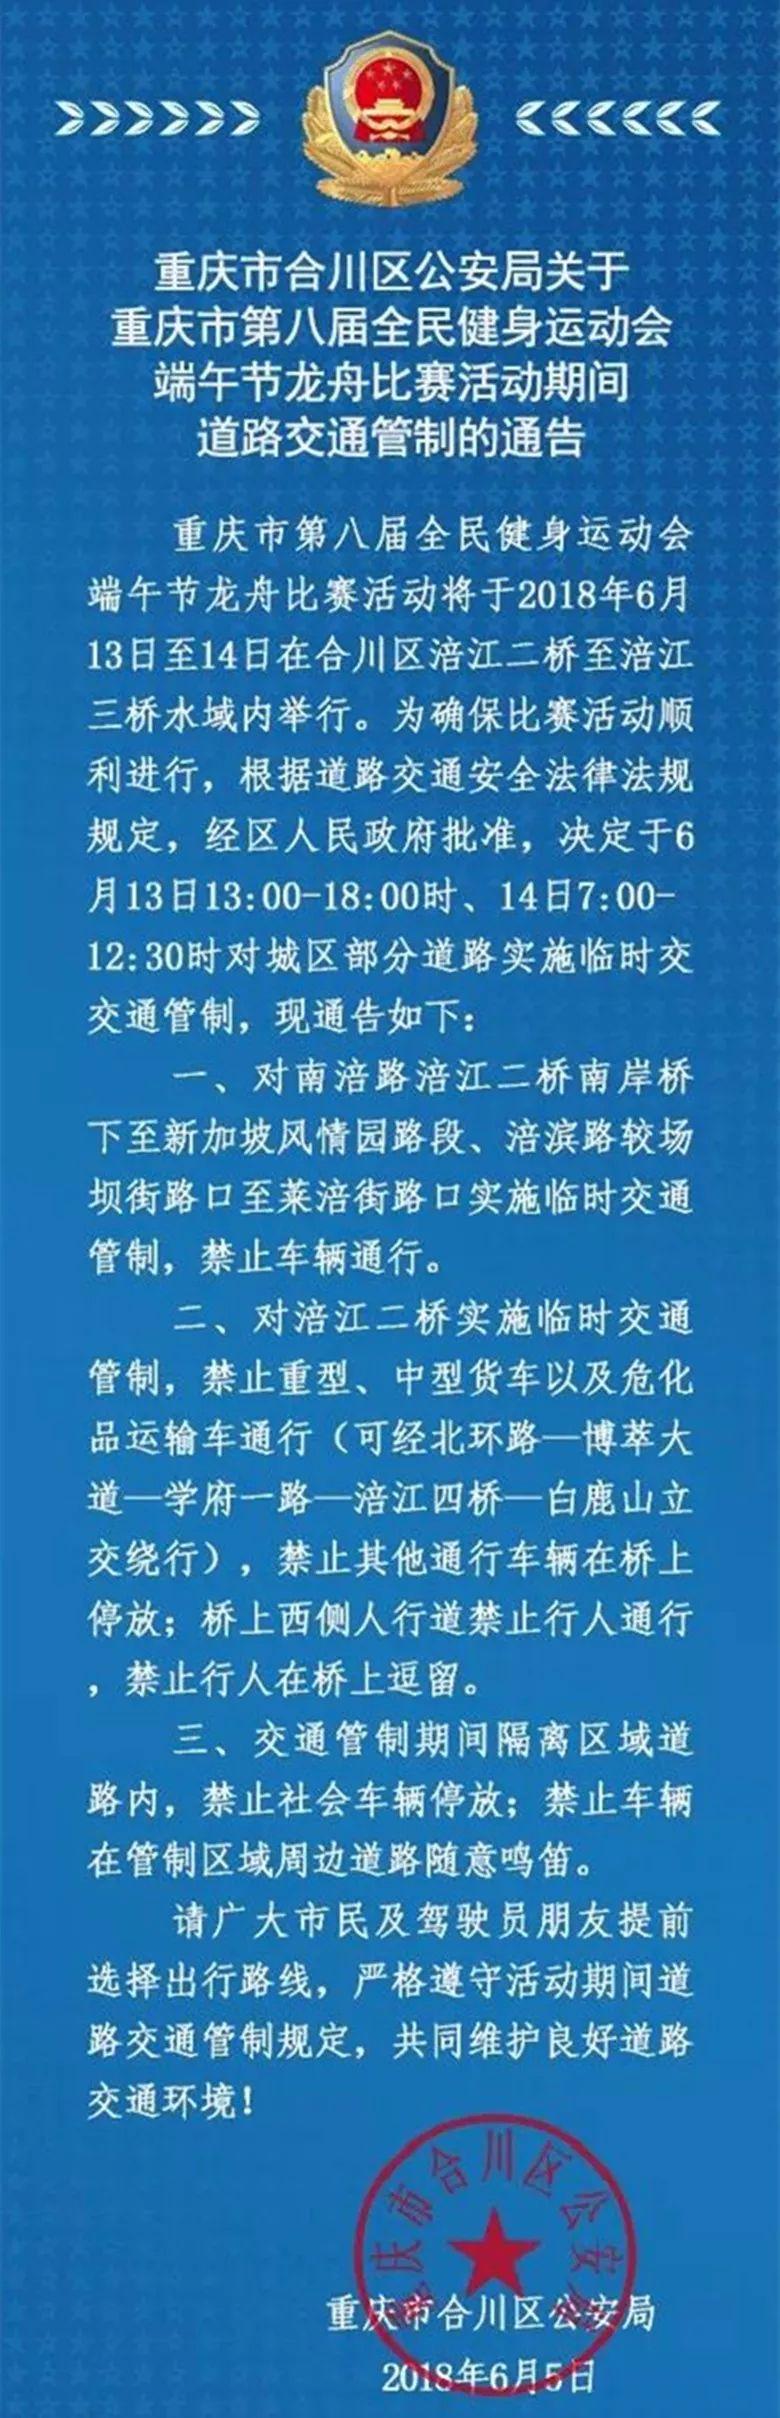 2018重庆合川端午龙舟比赛时间、地点、交通管制